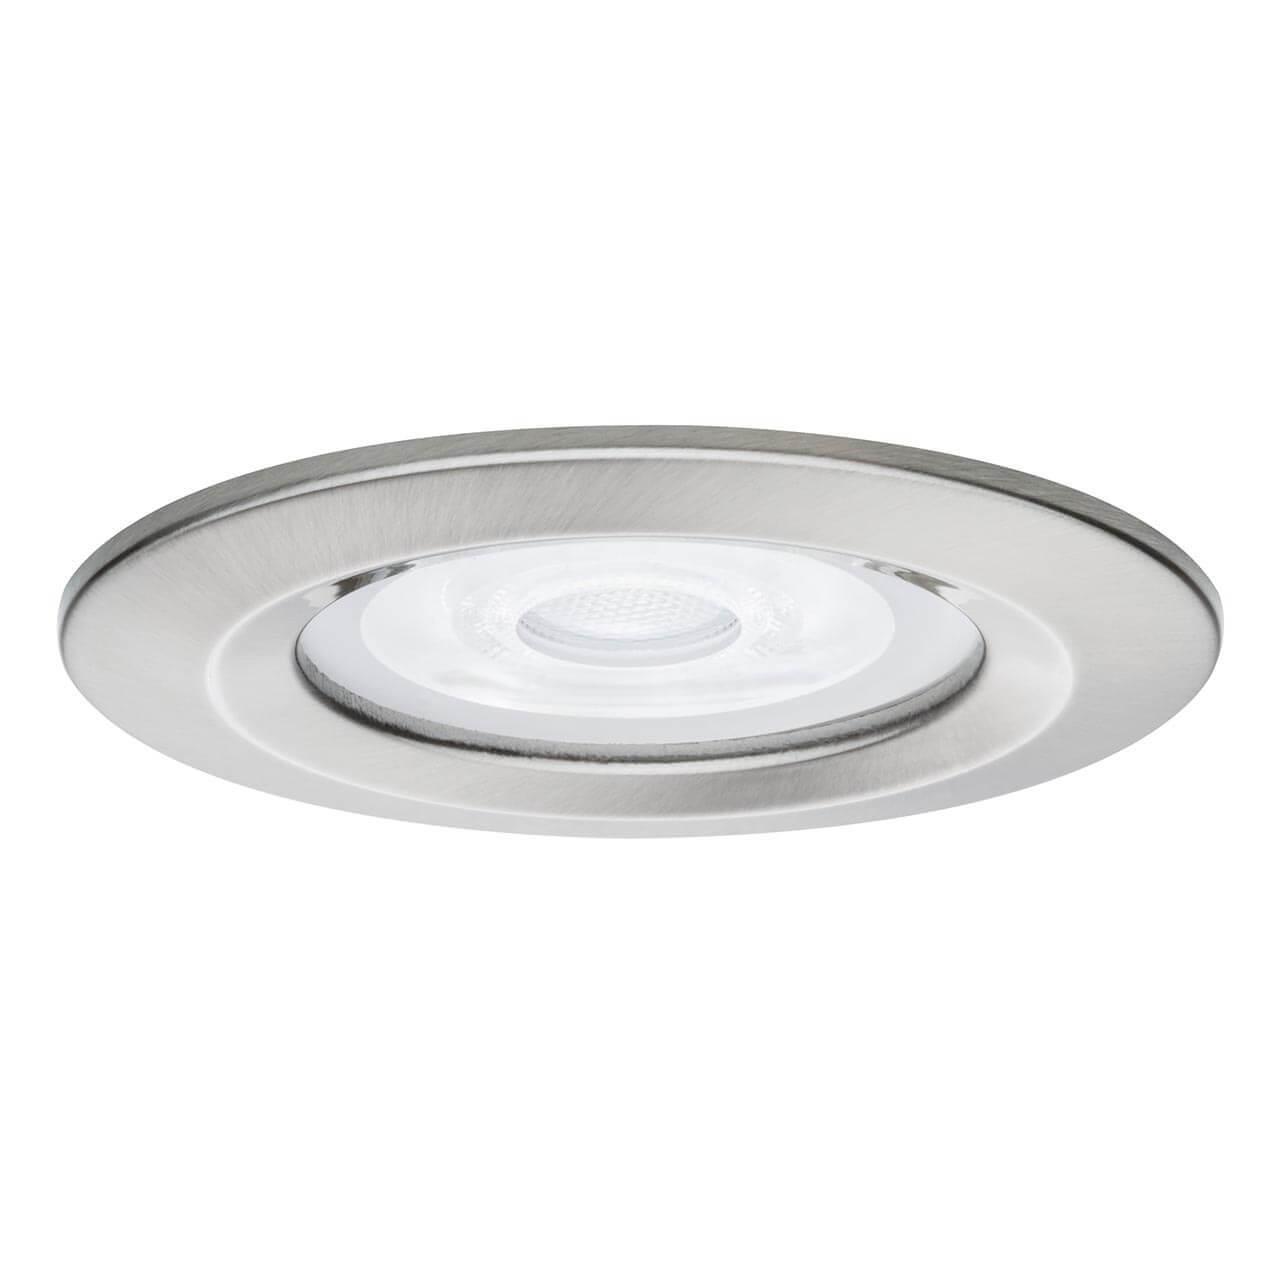 Встраиваемый светодиодный светильник Paulmann Nova 93599